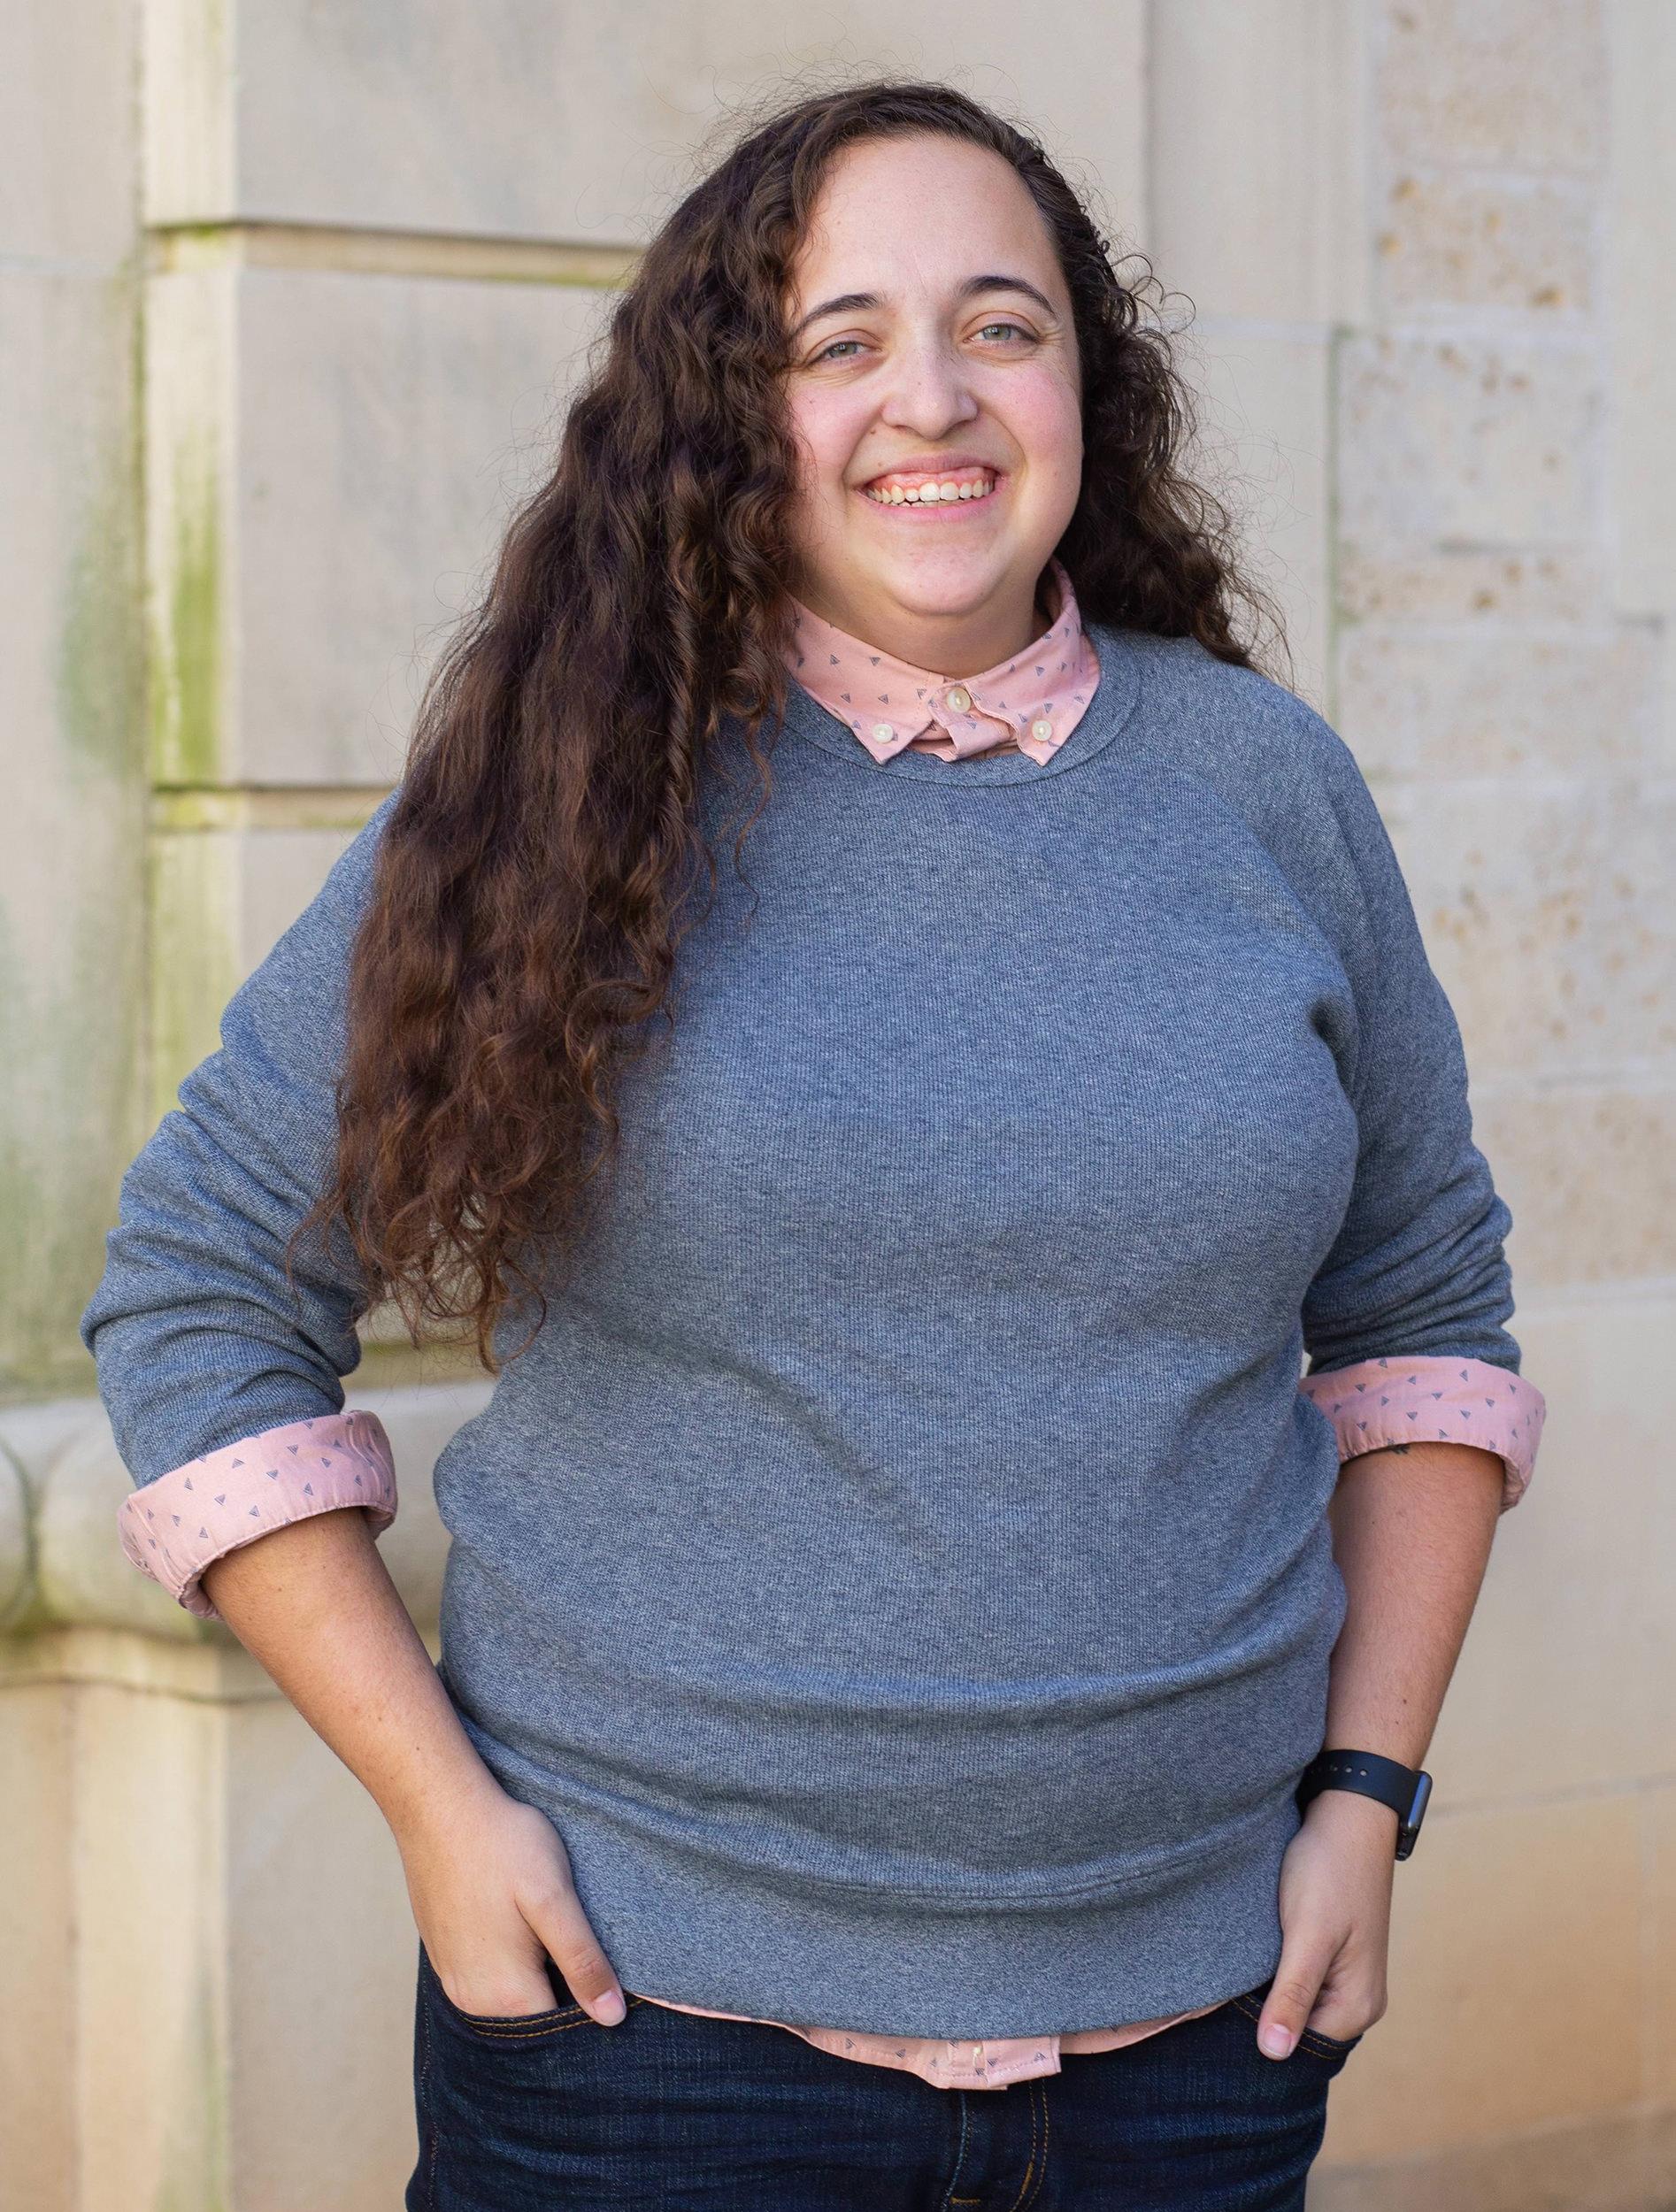 DSP staff member Kelsey Howard